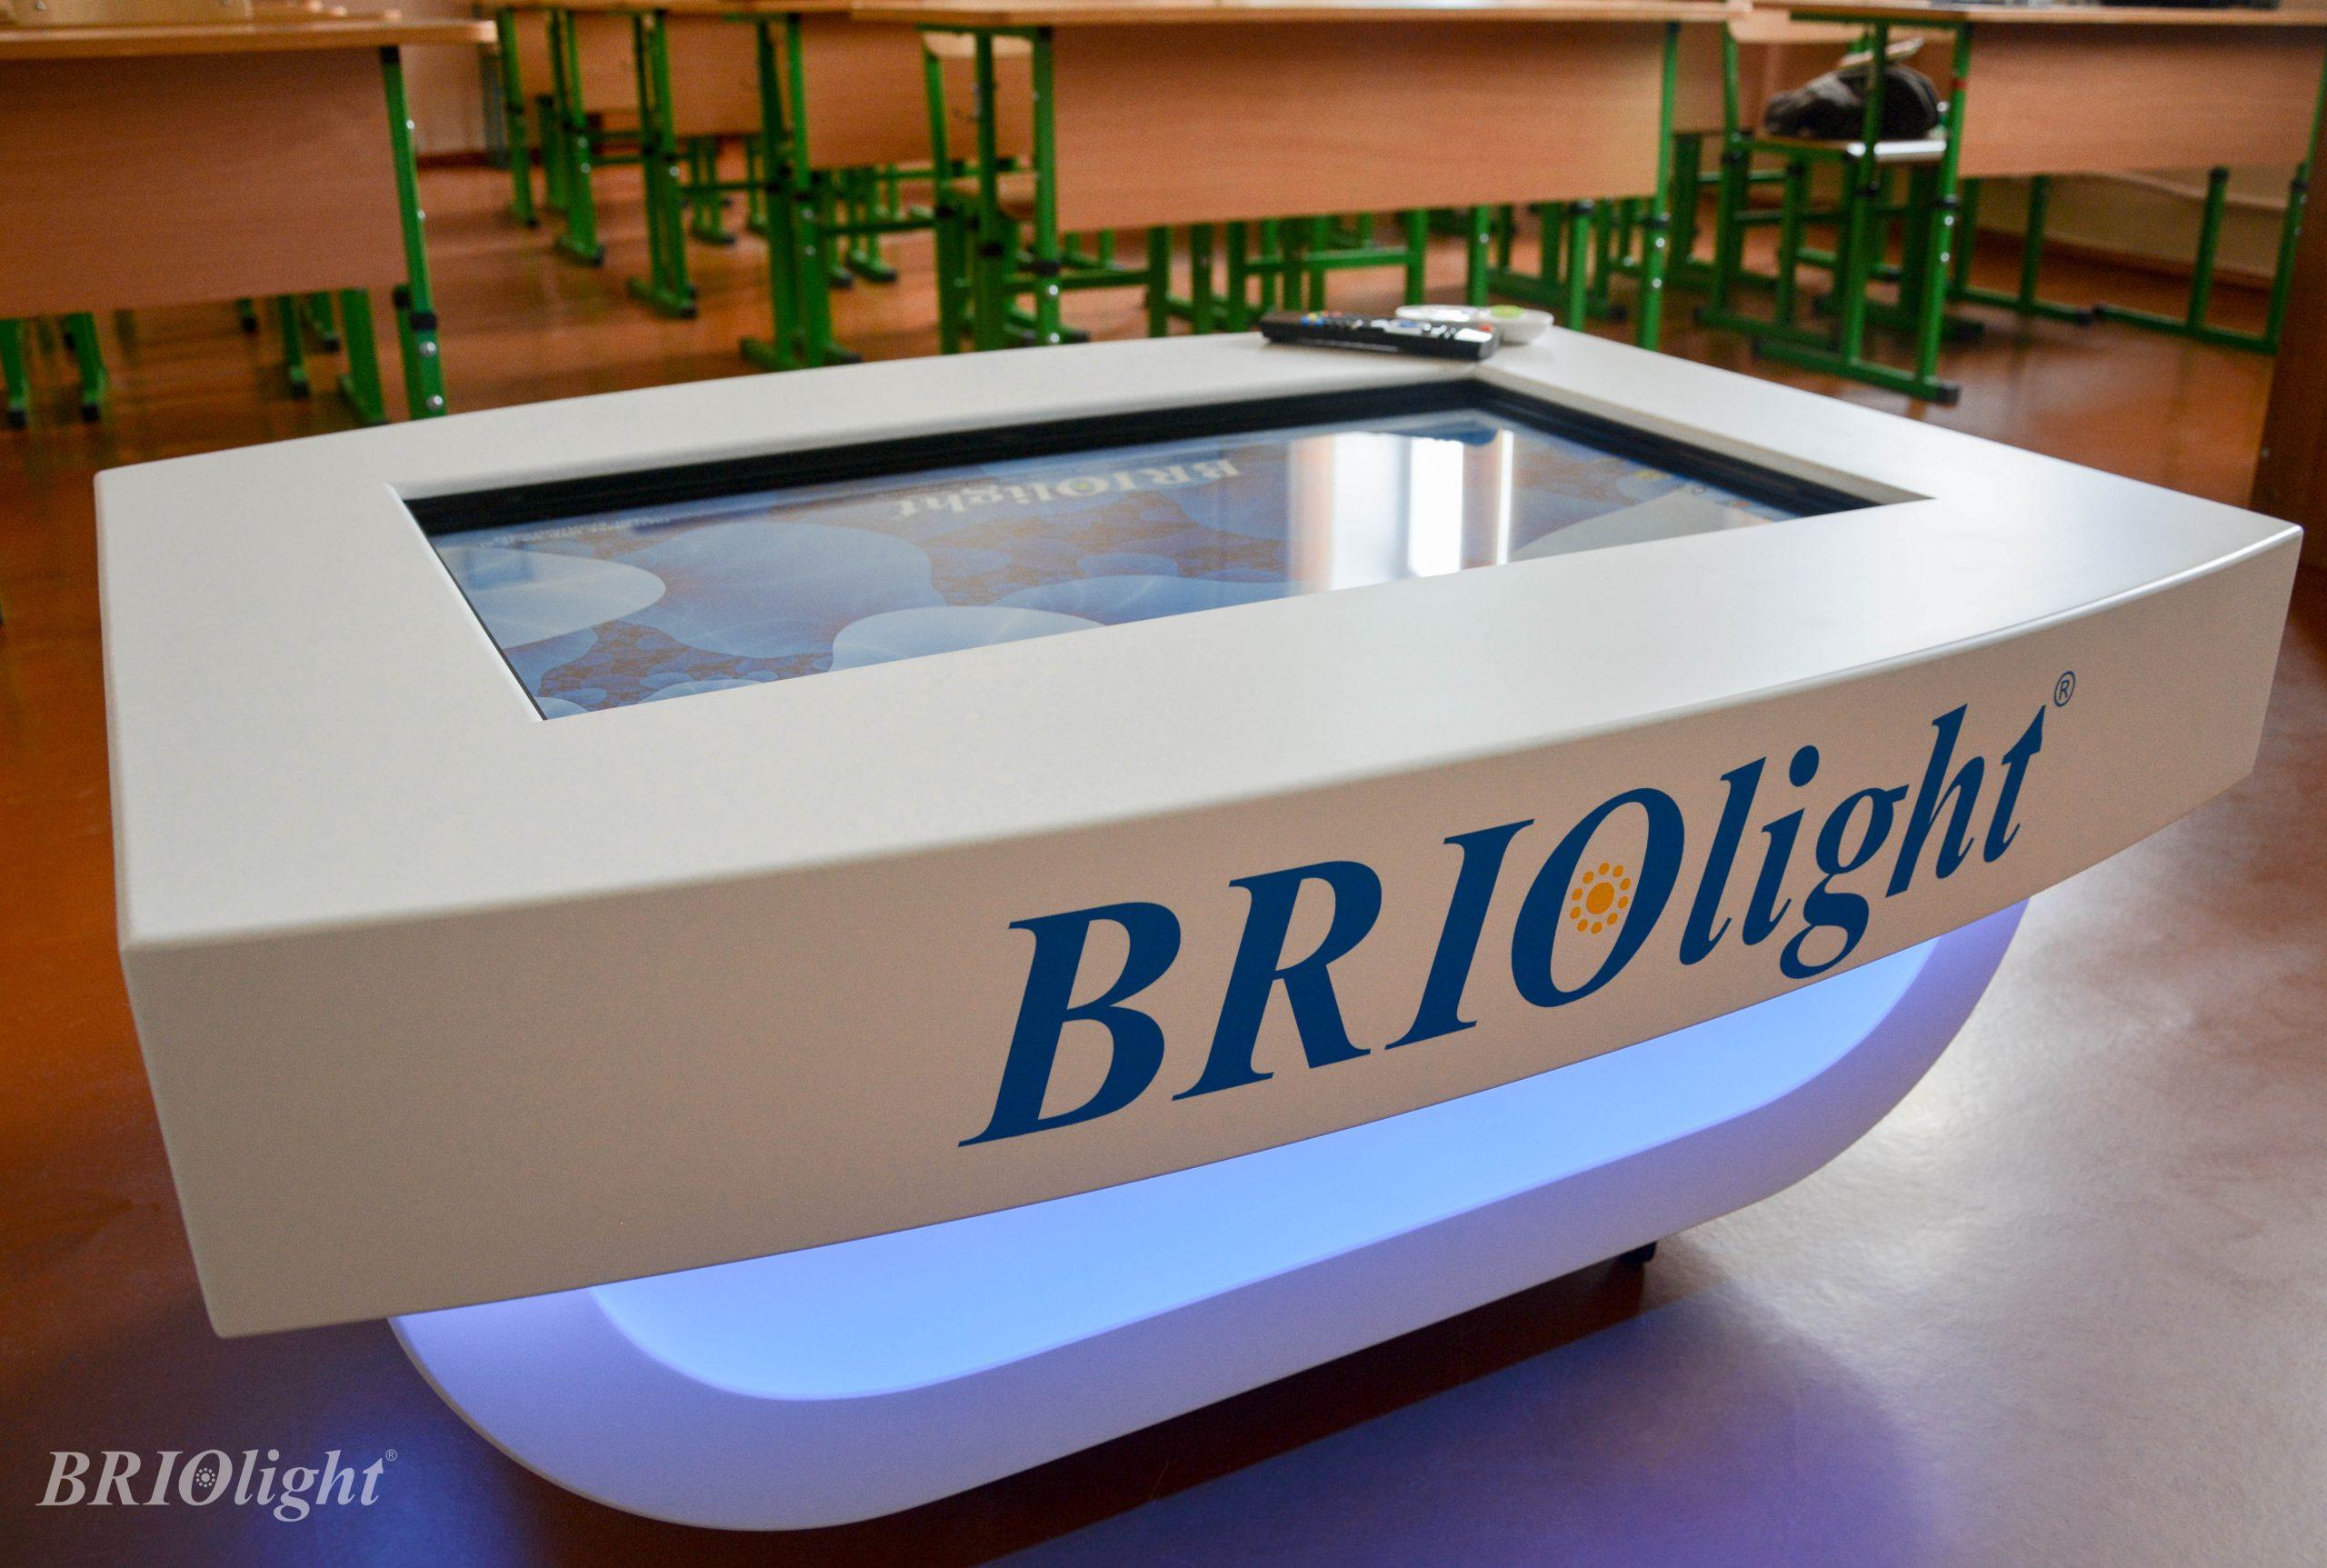 Інтерактивний стіл Бріолайт купить Україна для дітей